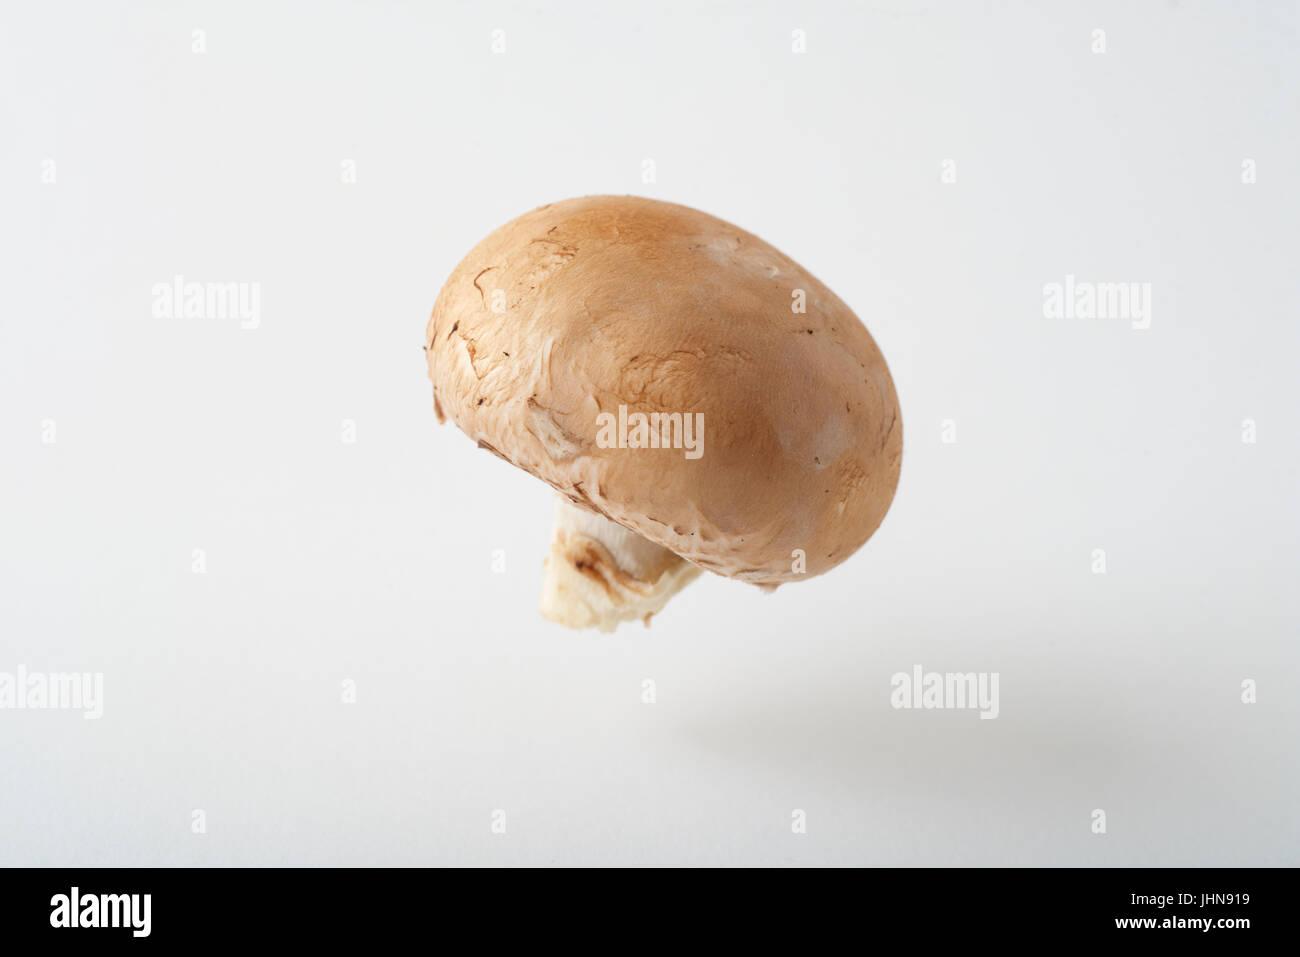 Un champignons cremini comme produire photographié dans un studio, suspendu au-dessus d'un arrière-plan transparent, Banque D'Images